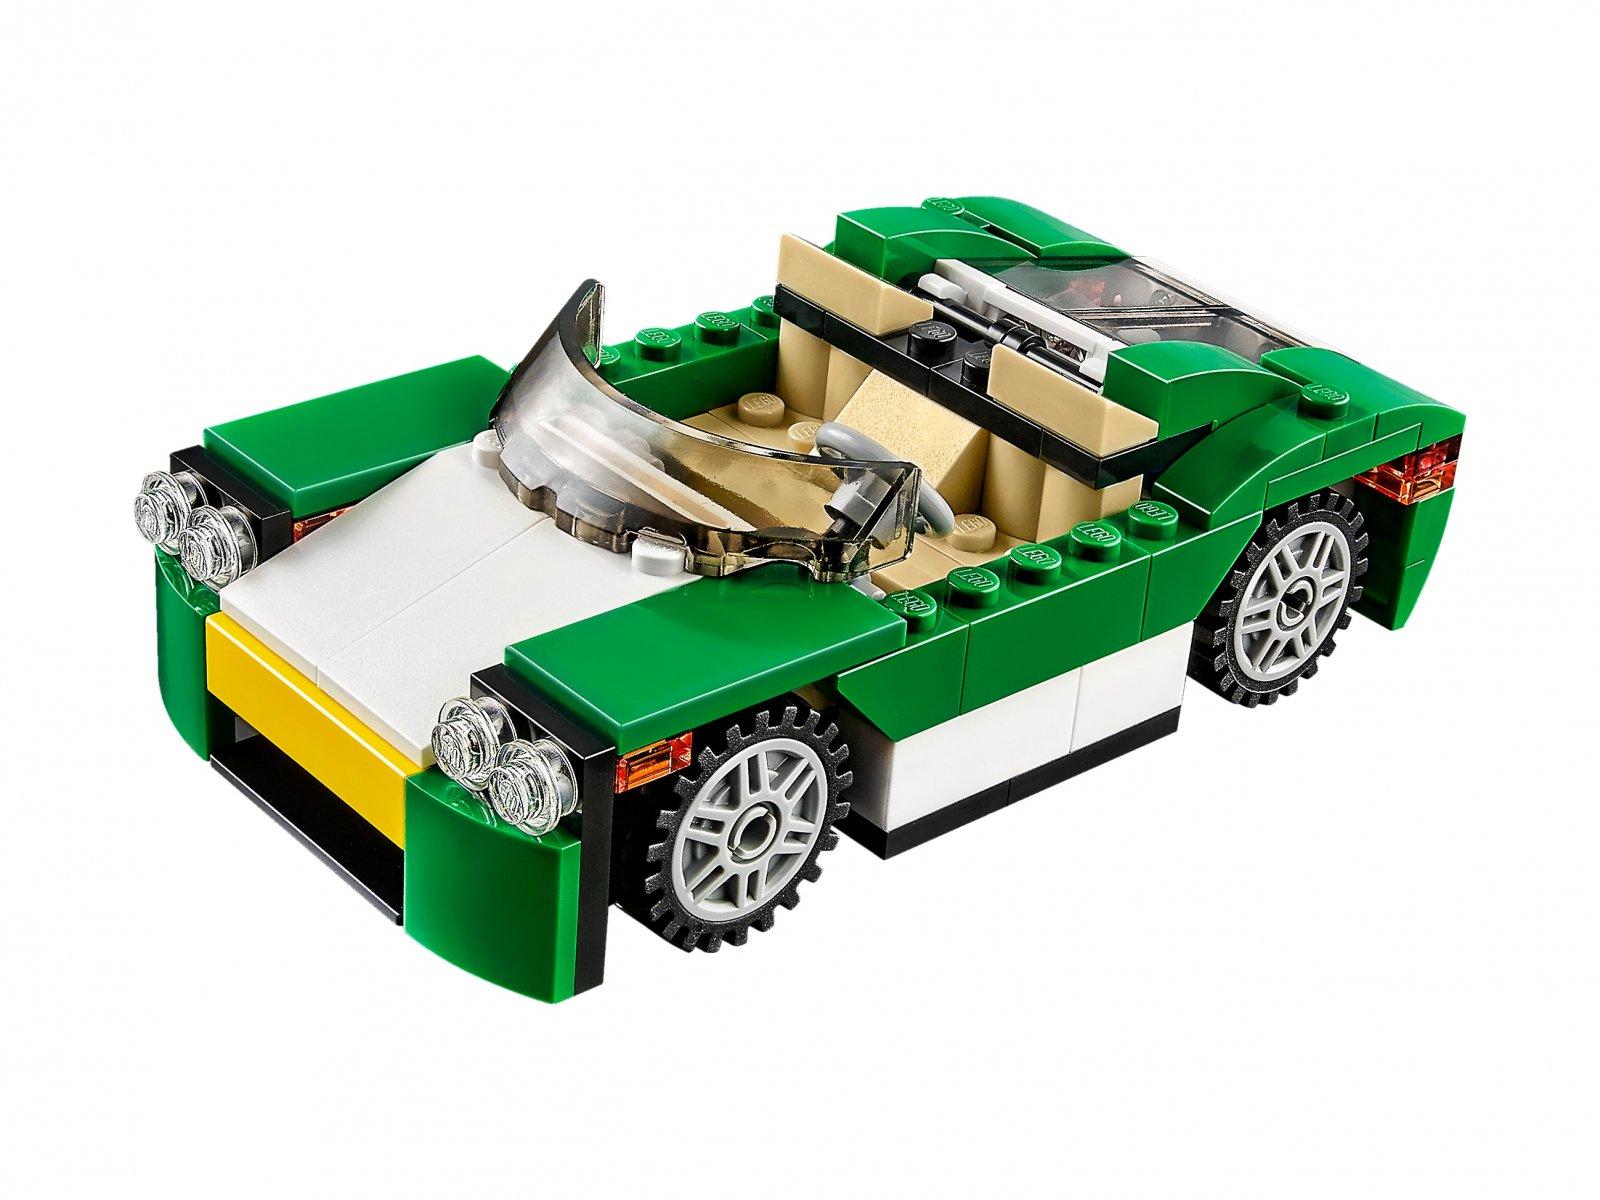 LEGO Creator 3 w 1 31056 Zielony krążownik